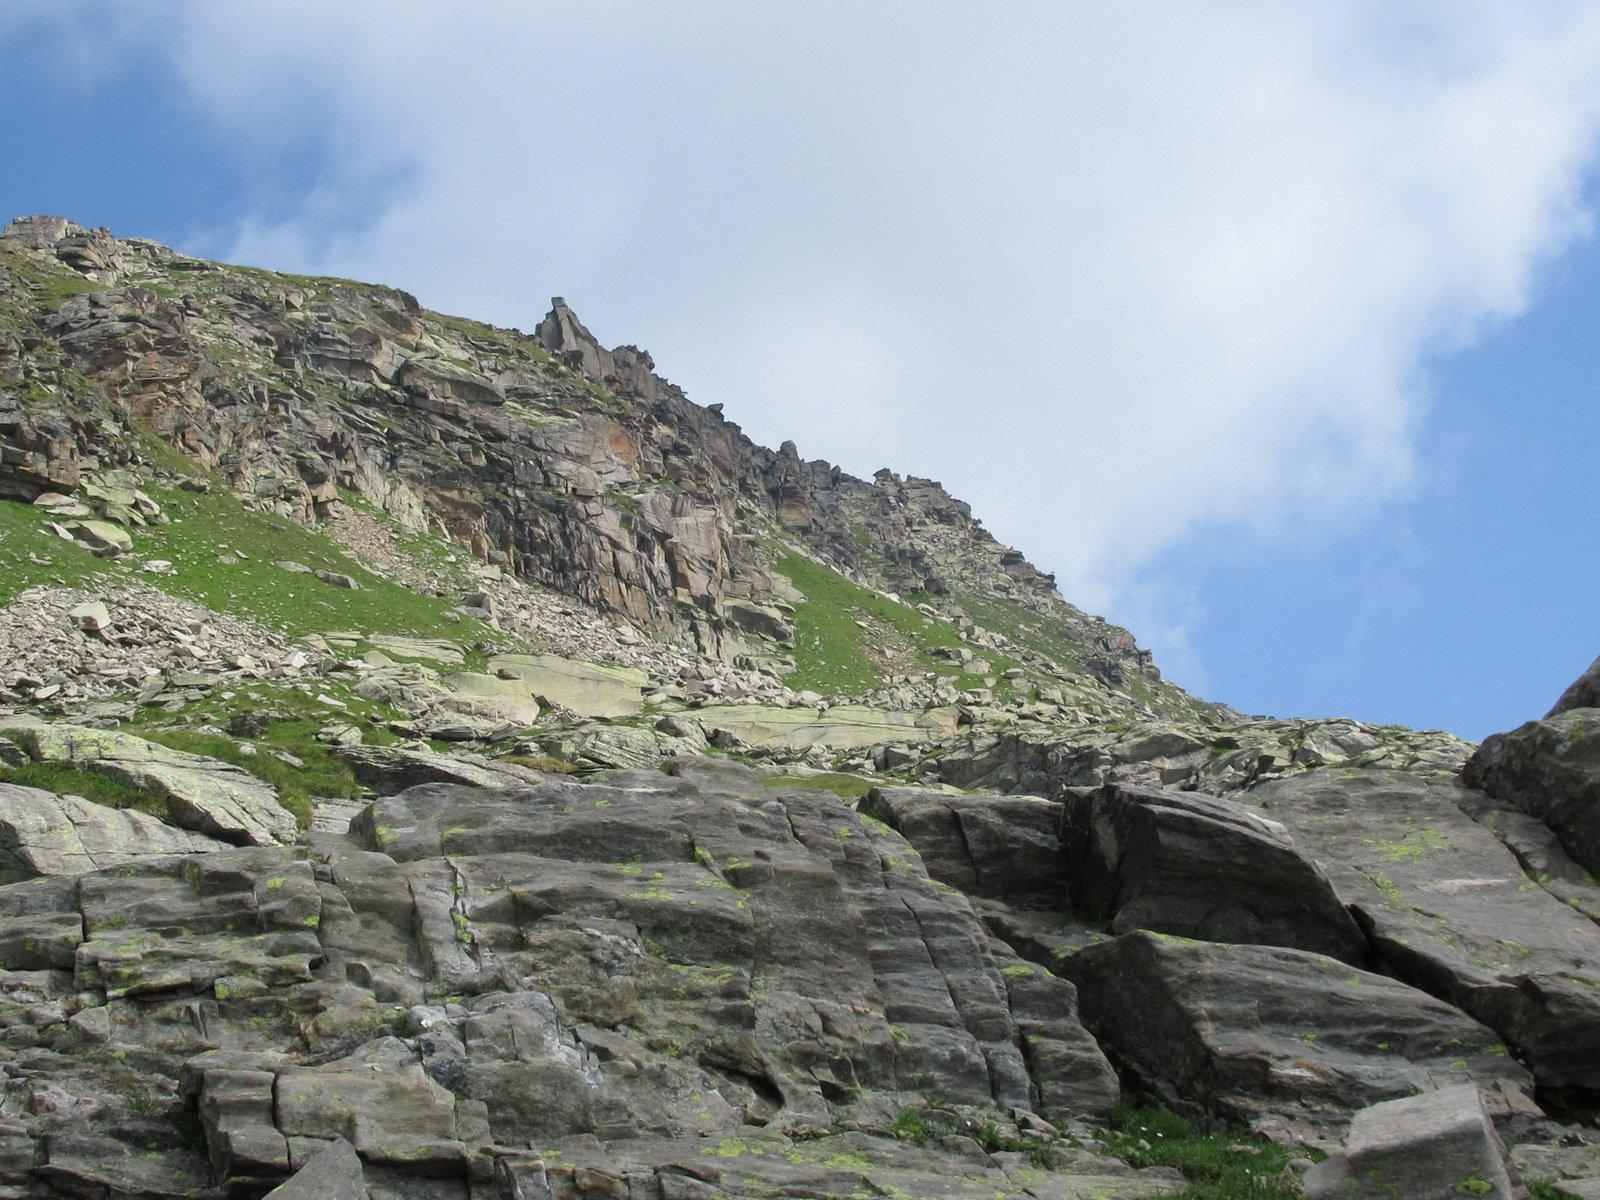 Il torrione roccioso sulla cresta visibile sin dal basso